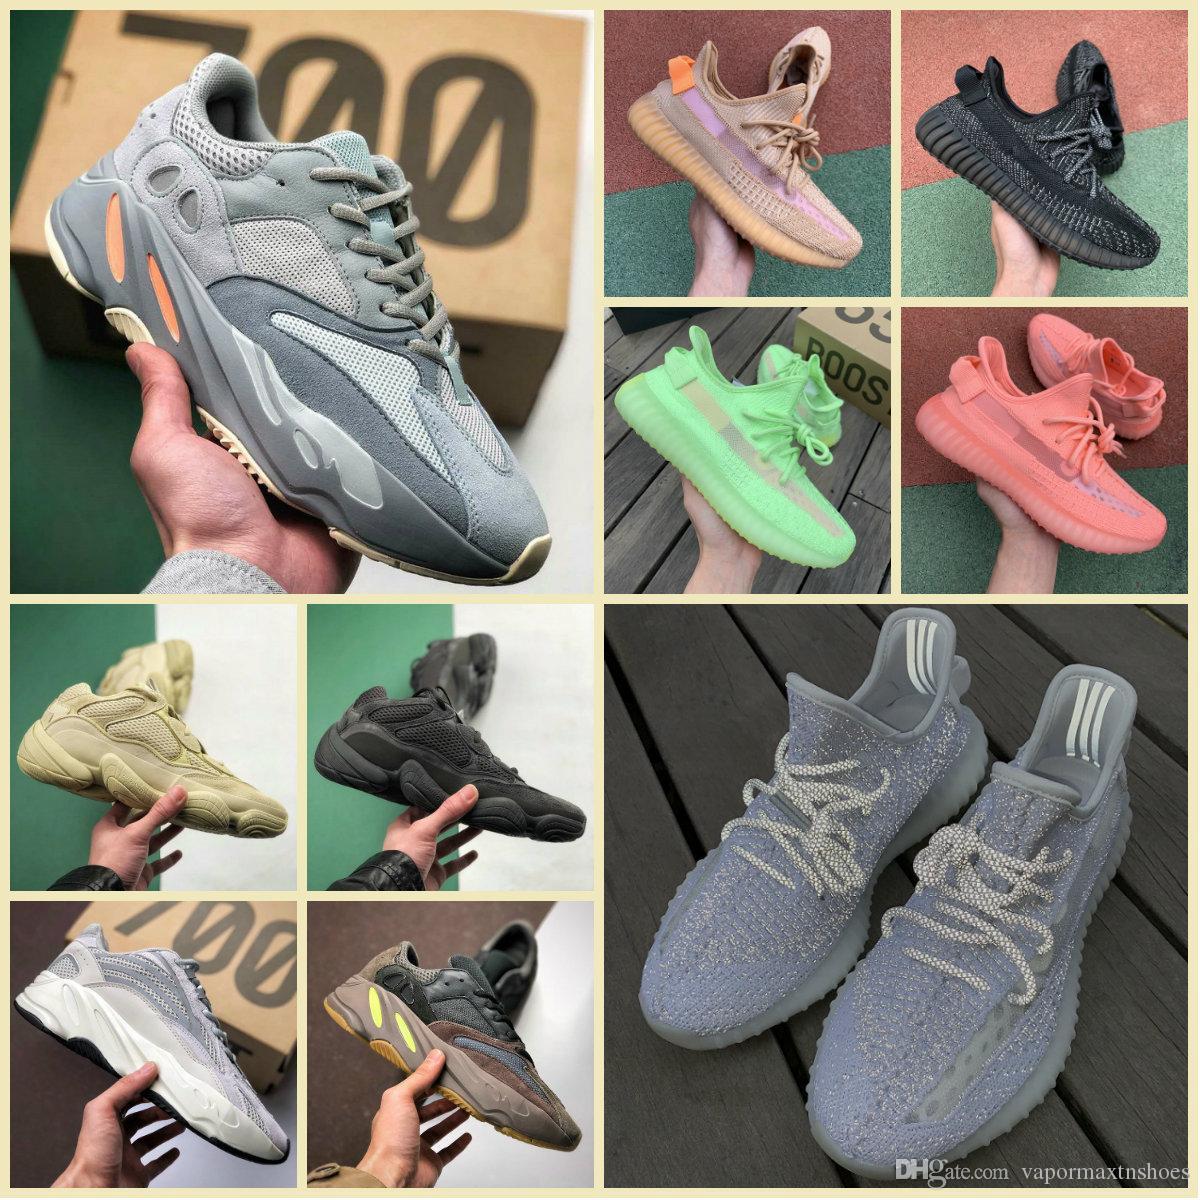 2019 Original 700 V2 Static Clay Scarpe sportive Scarpe da ginnastica economiche Kanye West 700s Wave Runner Malva Uomo Donna 3M riflettenti Inertia True Form Sneakers